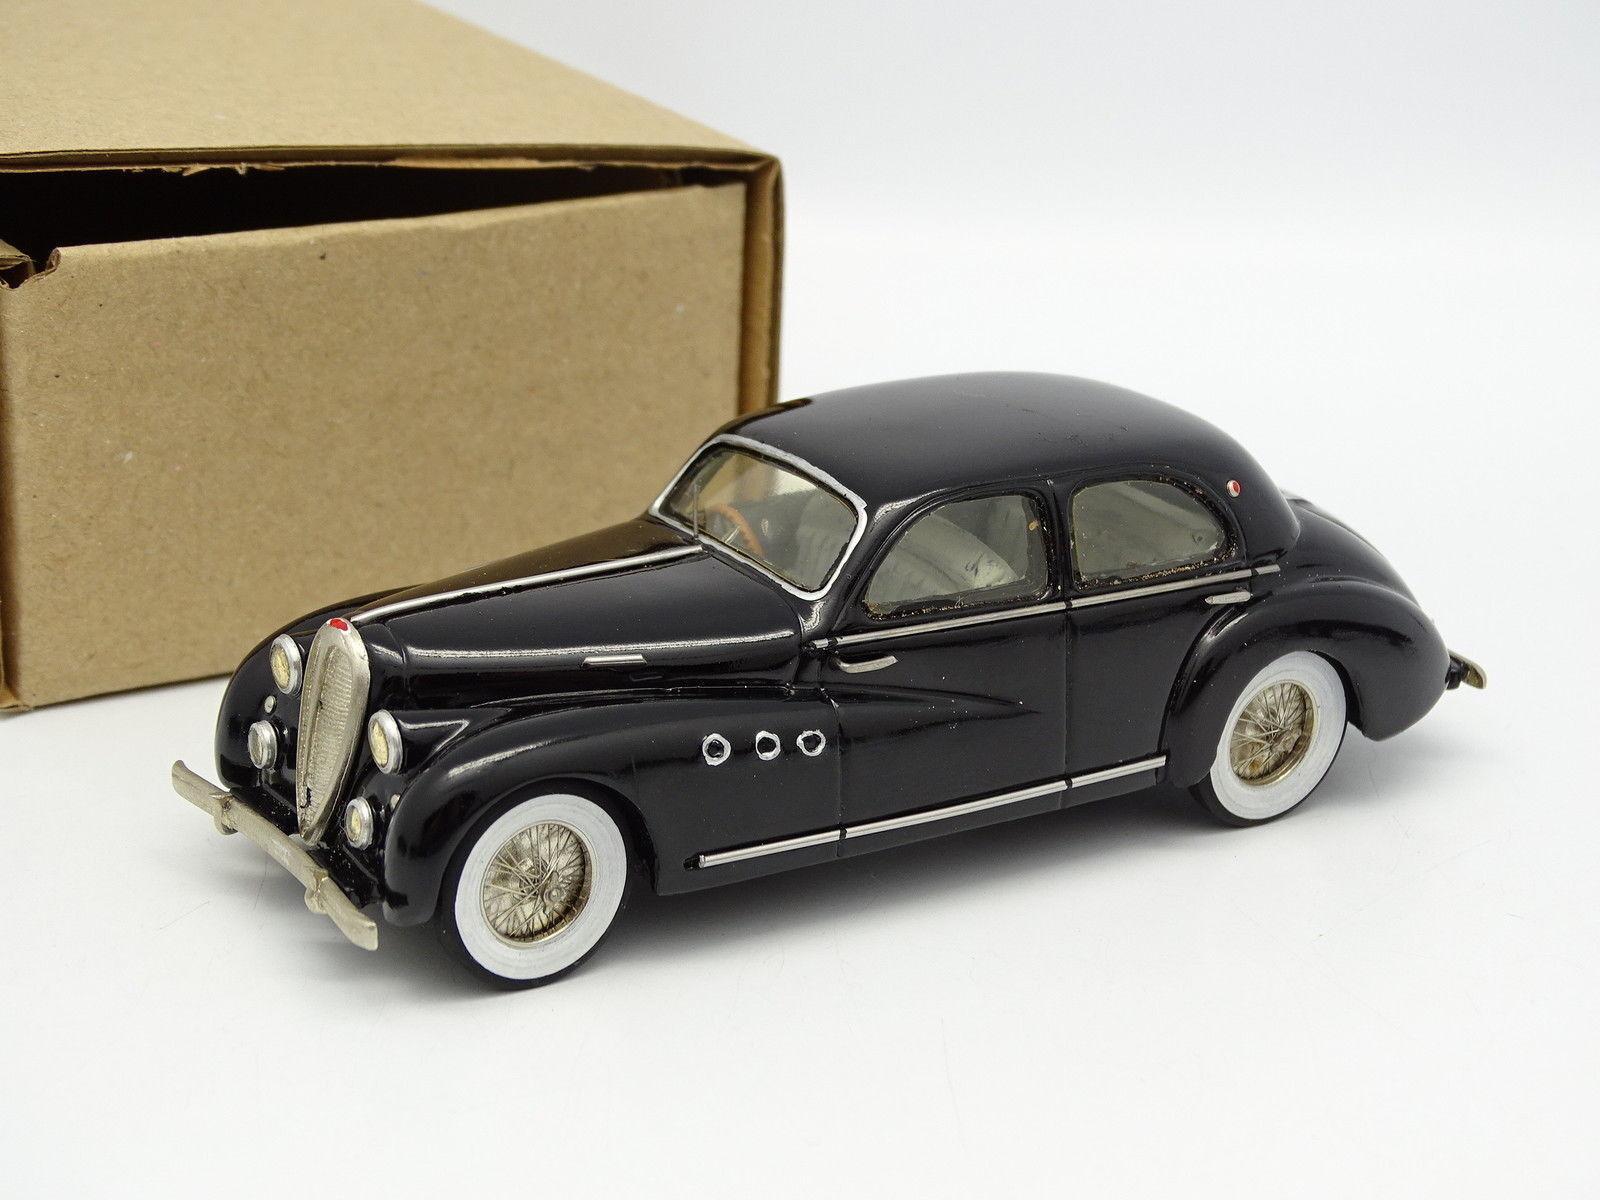 Ma Colección Resina 1 43 - Delahaye 148 Berlina 1948 Letourneur y Vendedor